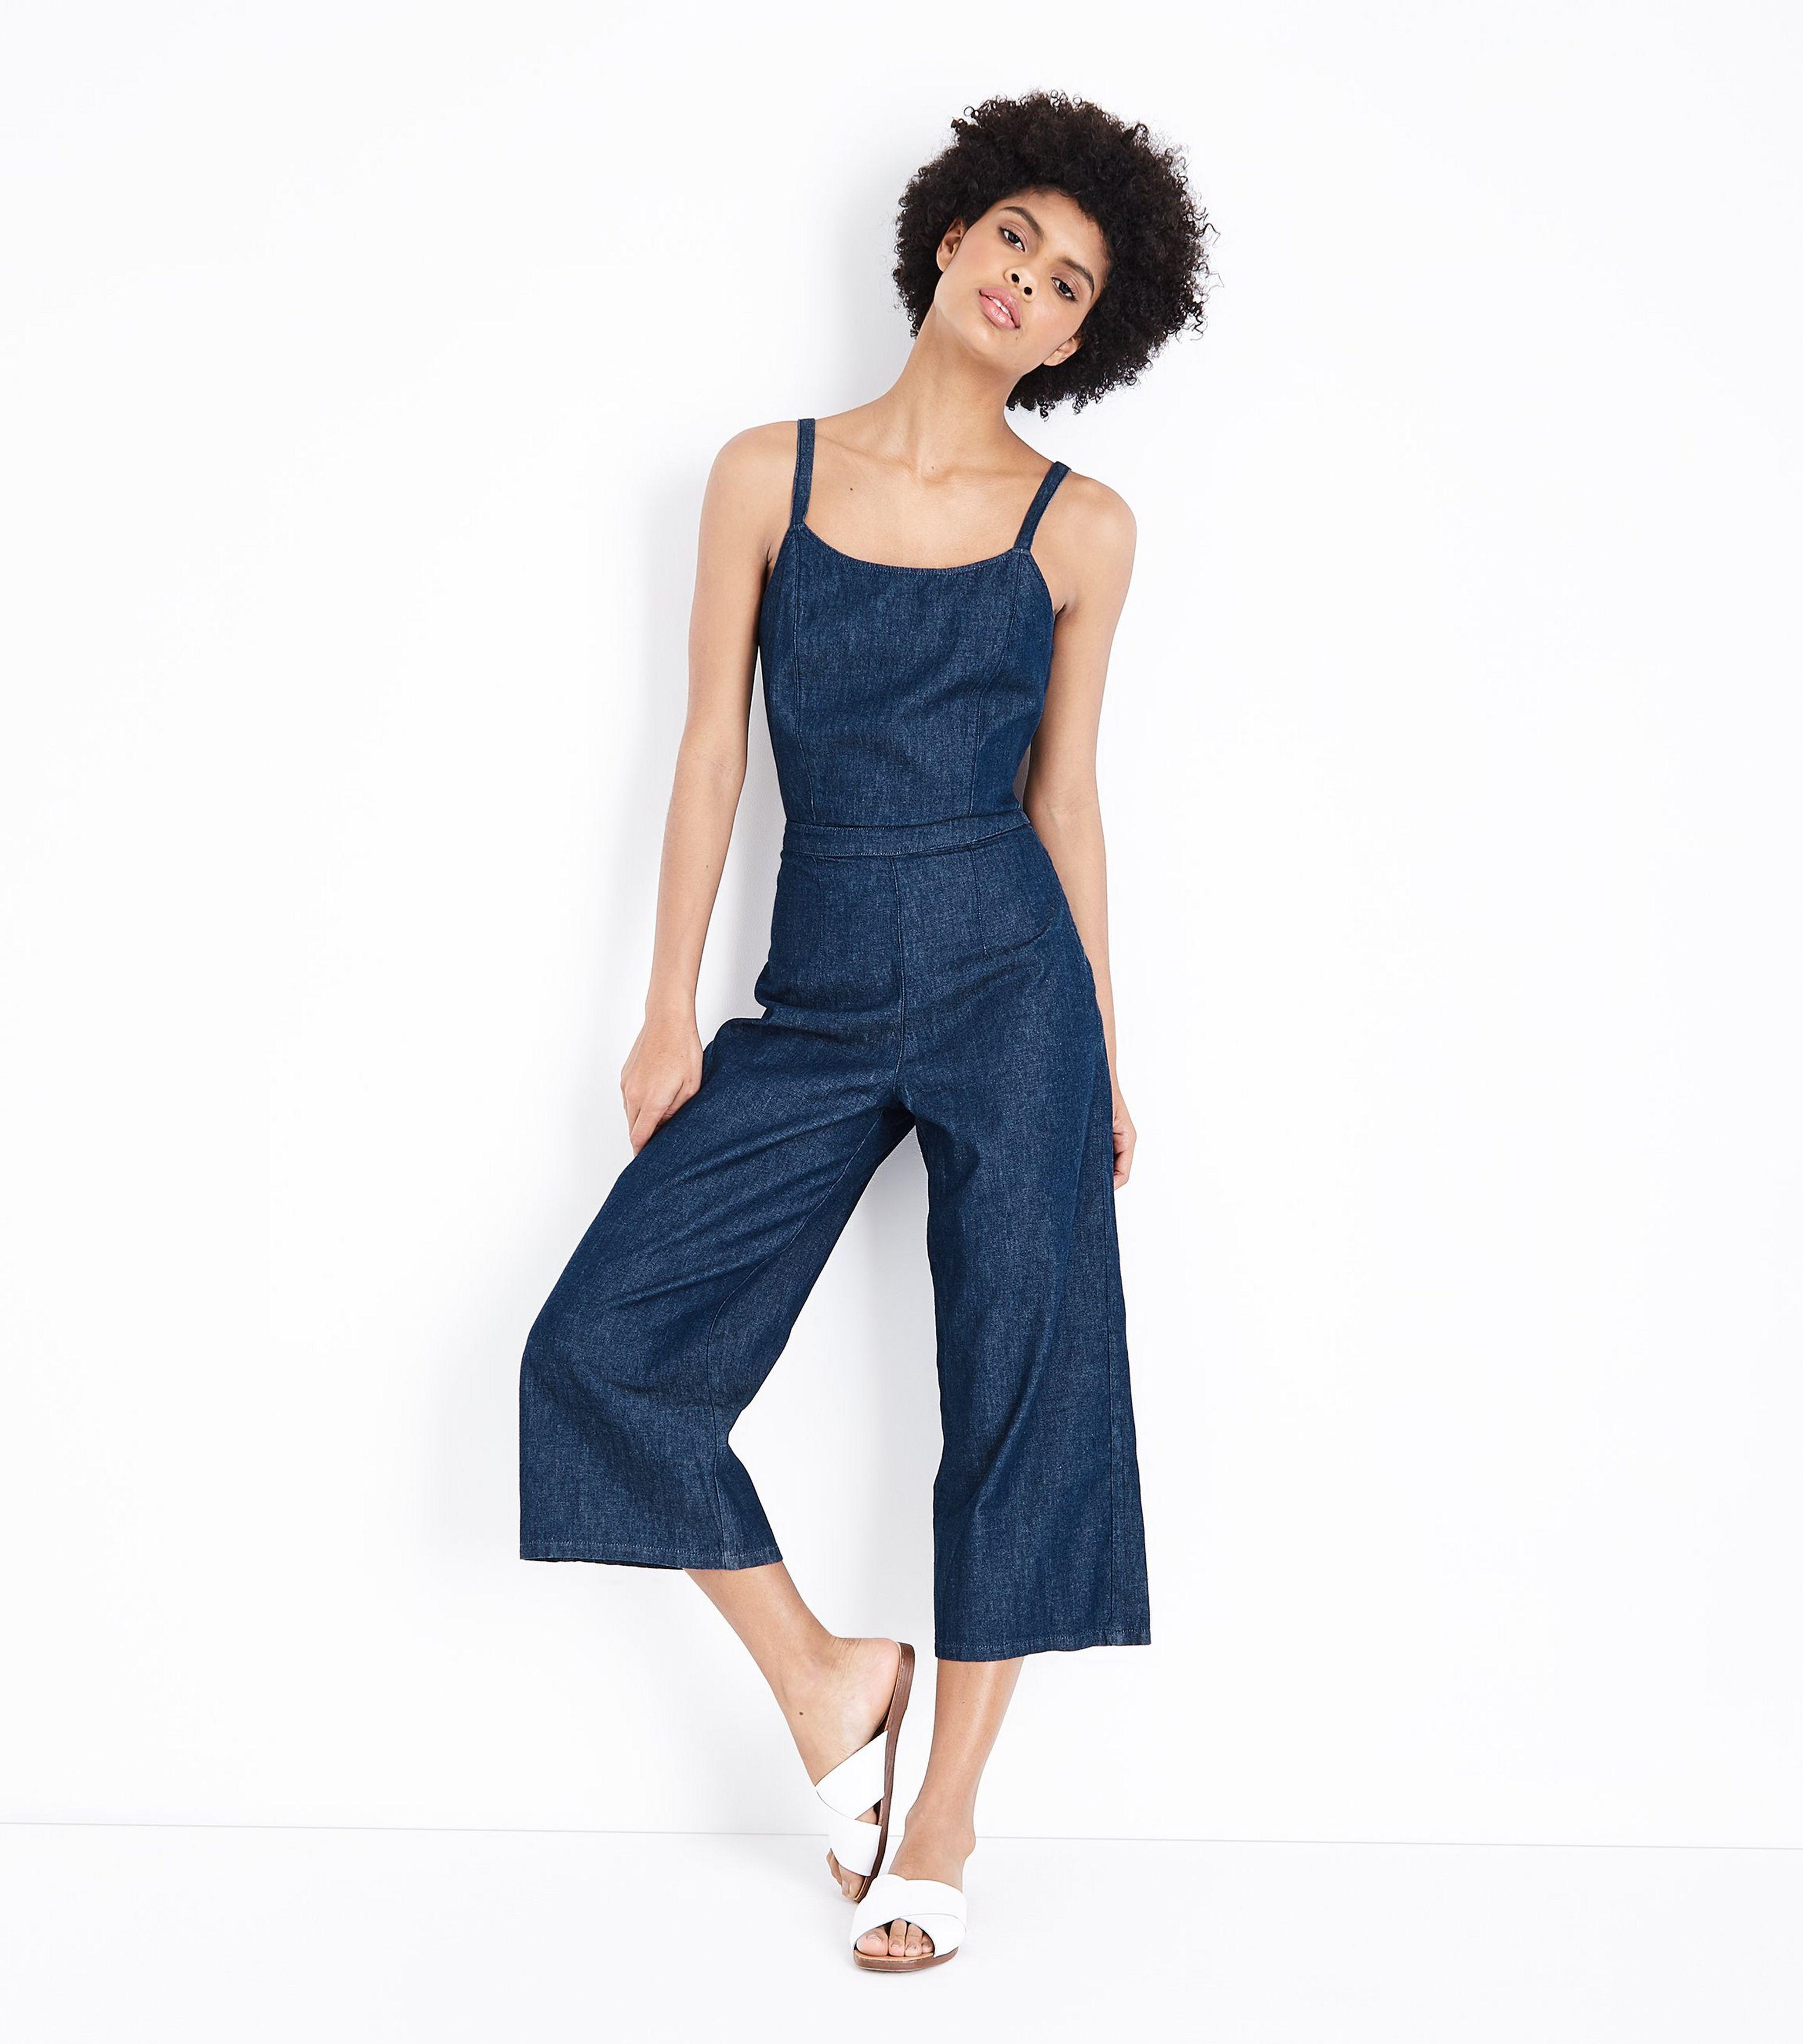 e6c483117aa7 New Look Blue Tie Back Lightweight Denim Jumpsuit in Blue - Lyst